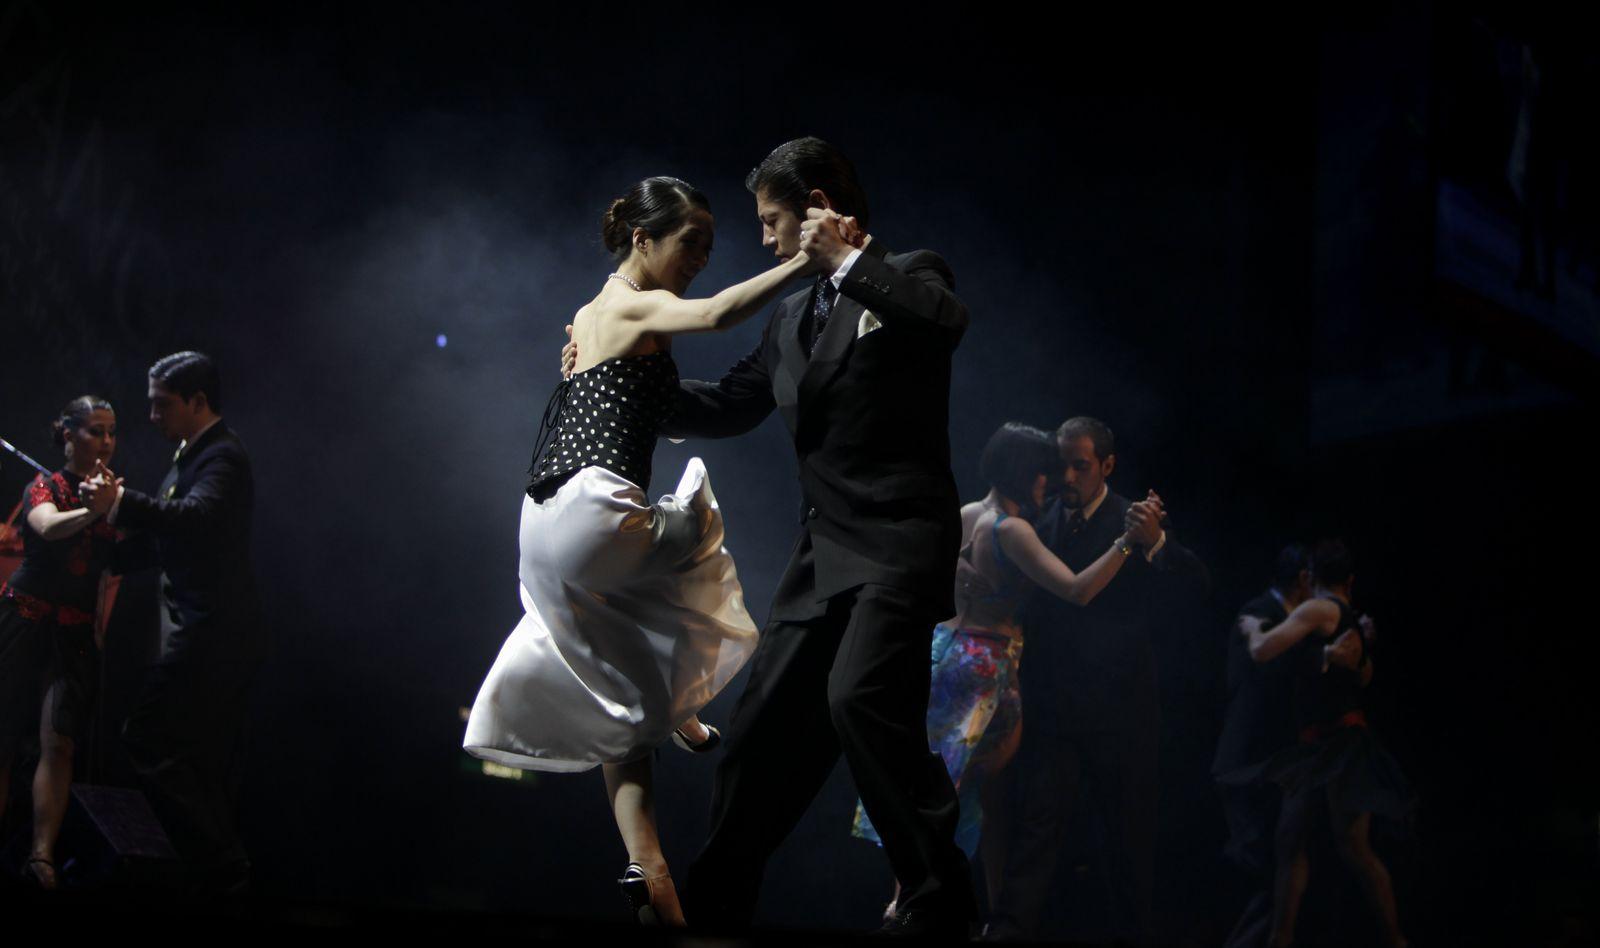 Tango Weltmeisterschaft